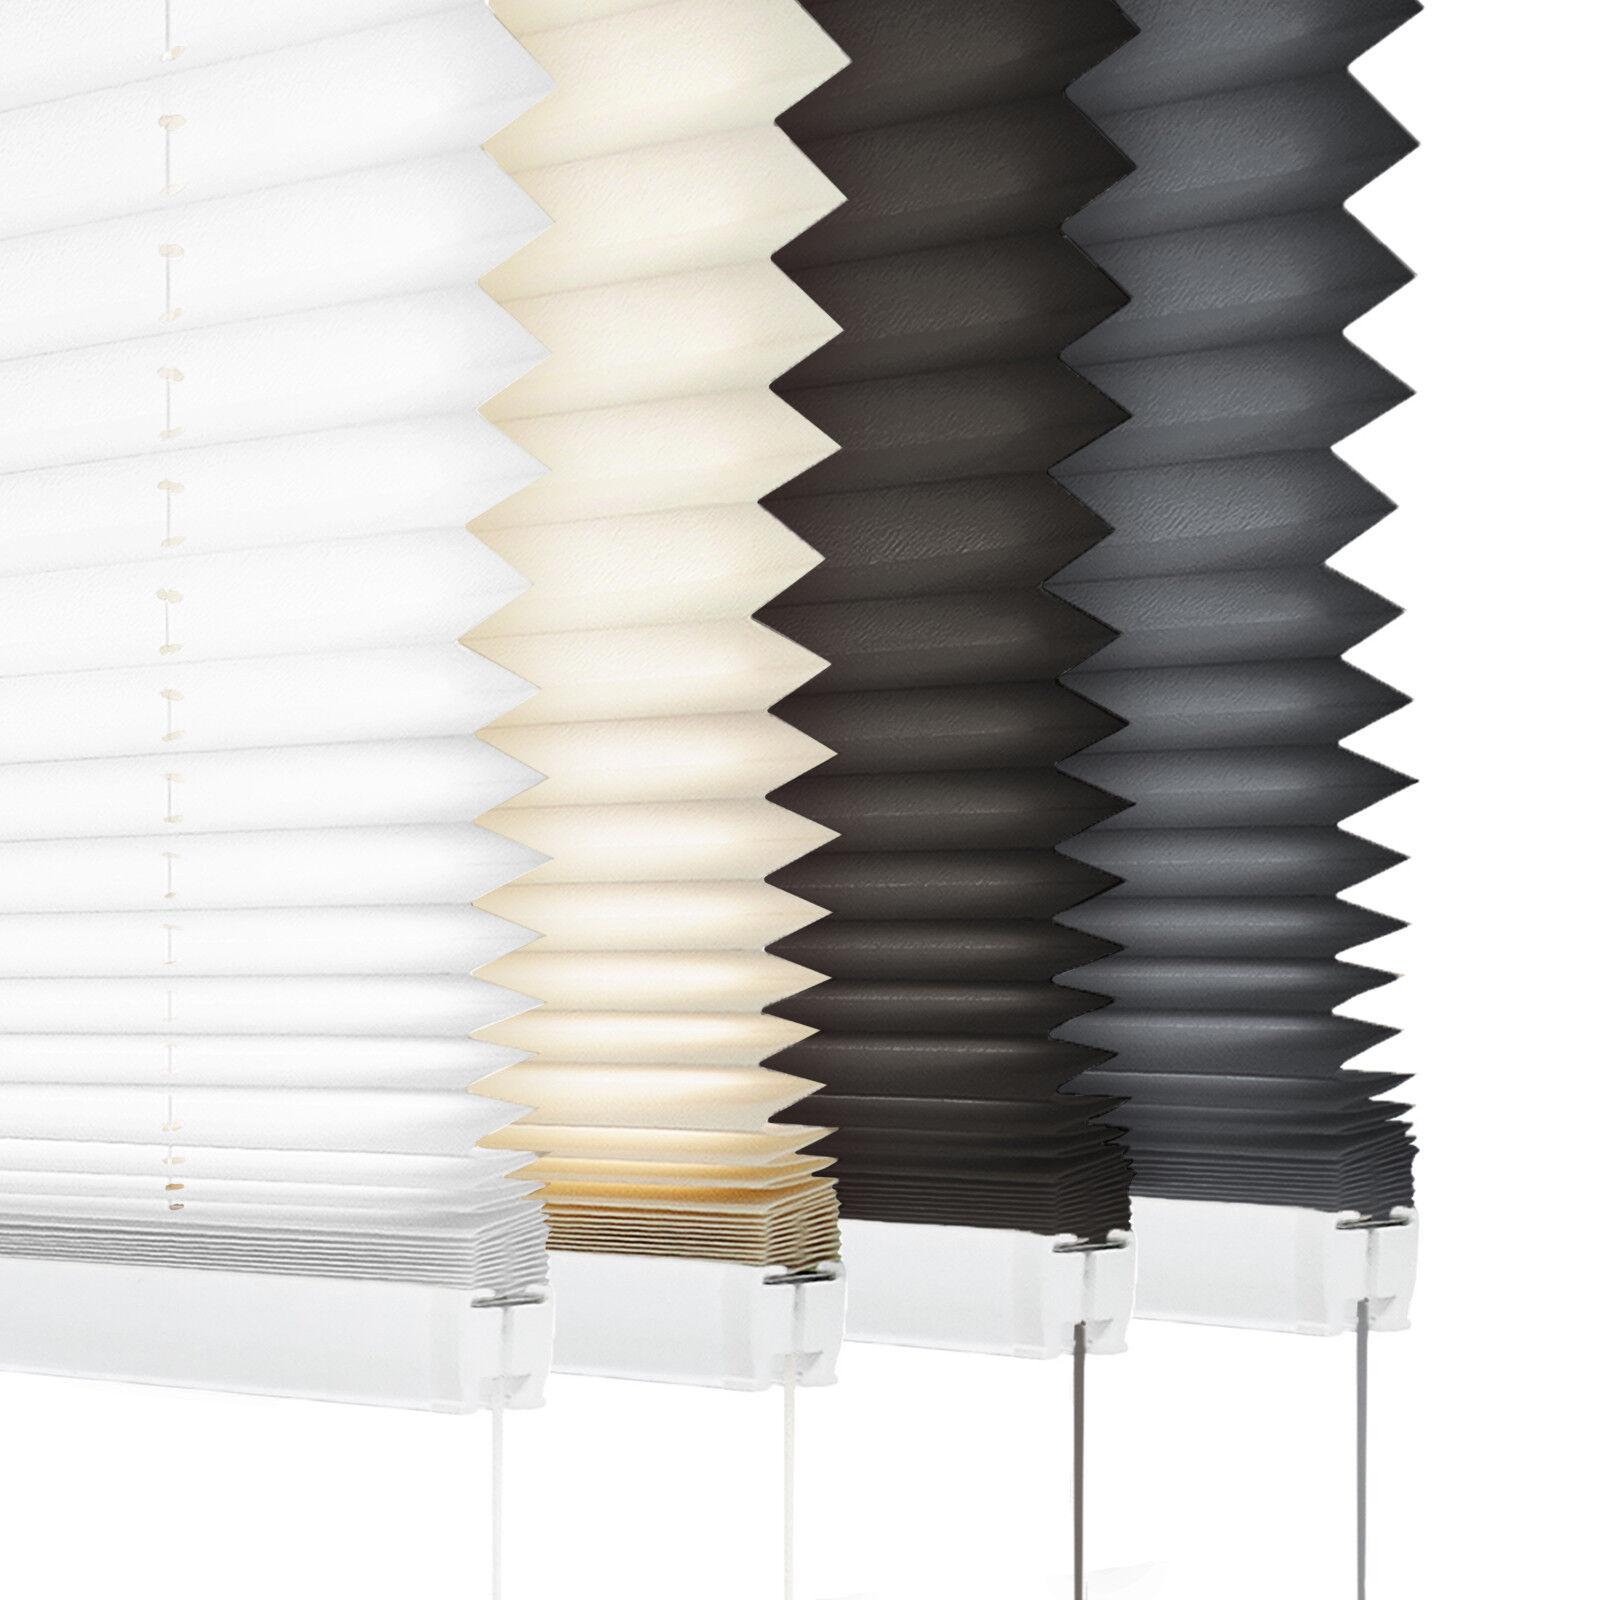 Bekannt Sonnenschutz Sichtschutz Plissee NEU Optik moderne Farben 4 ME16